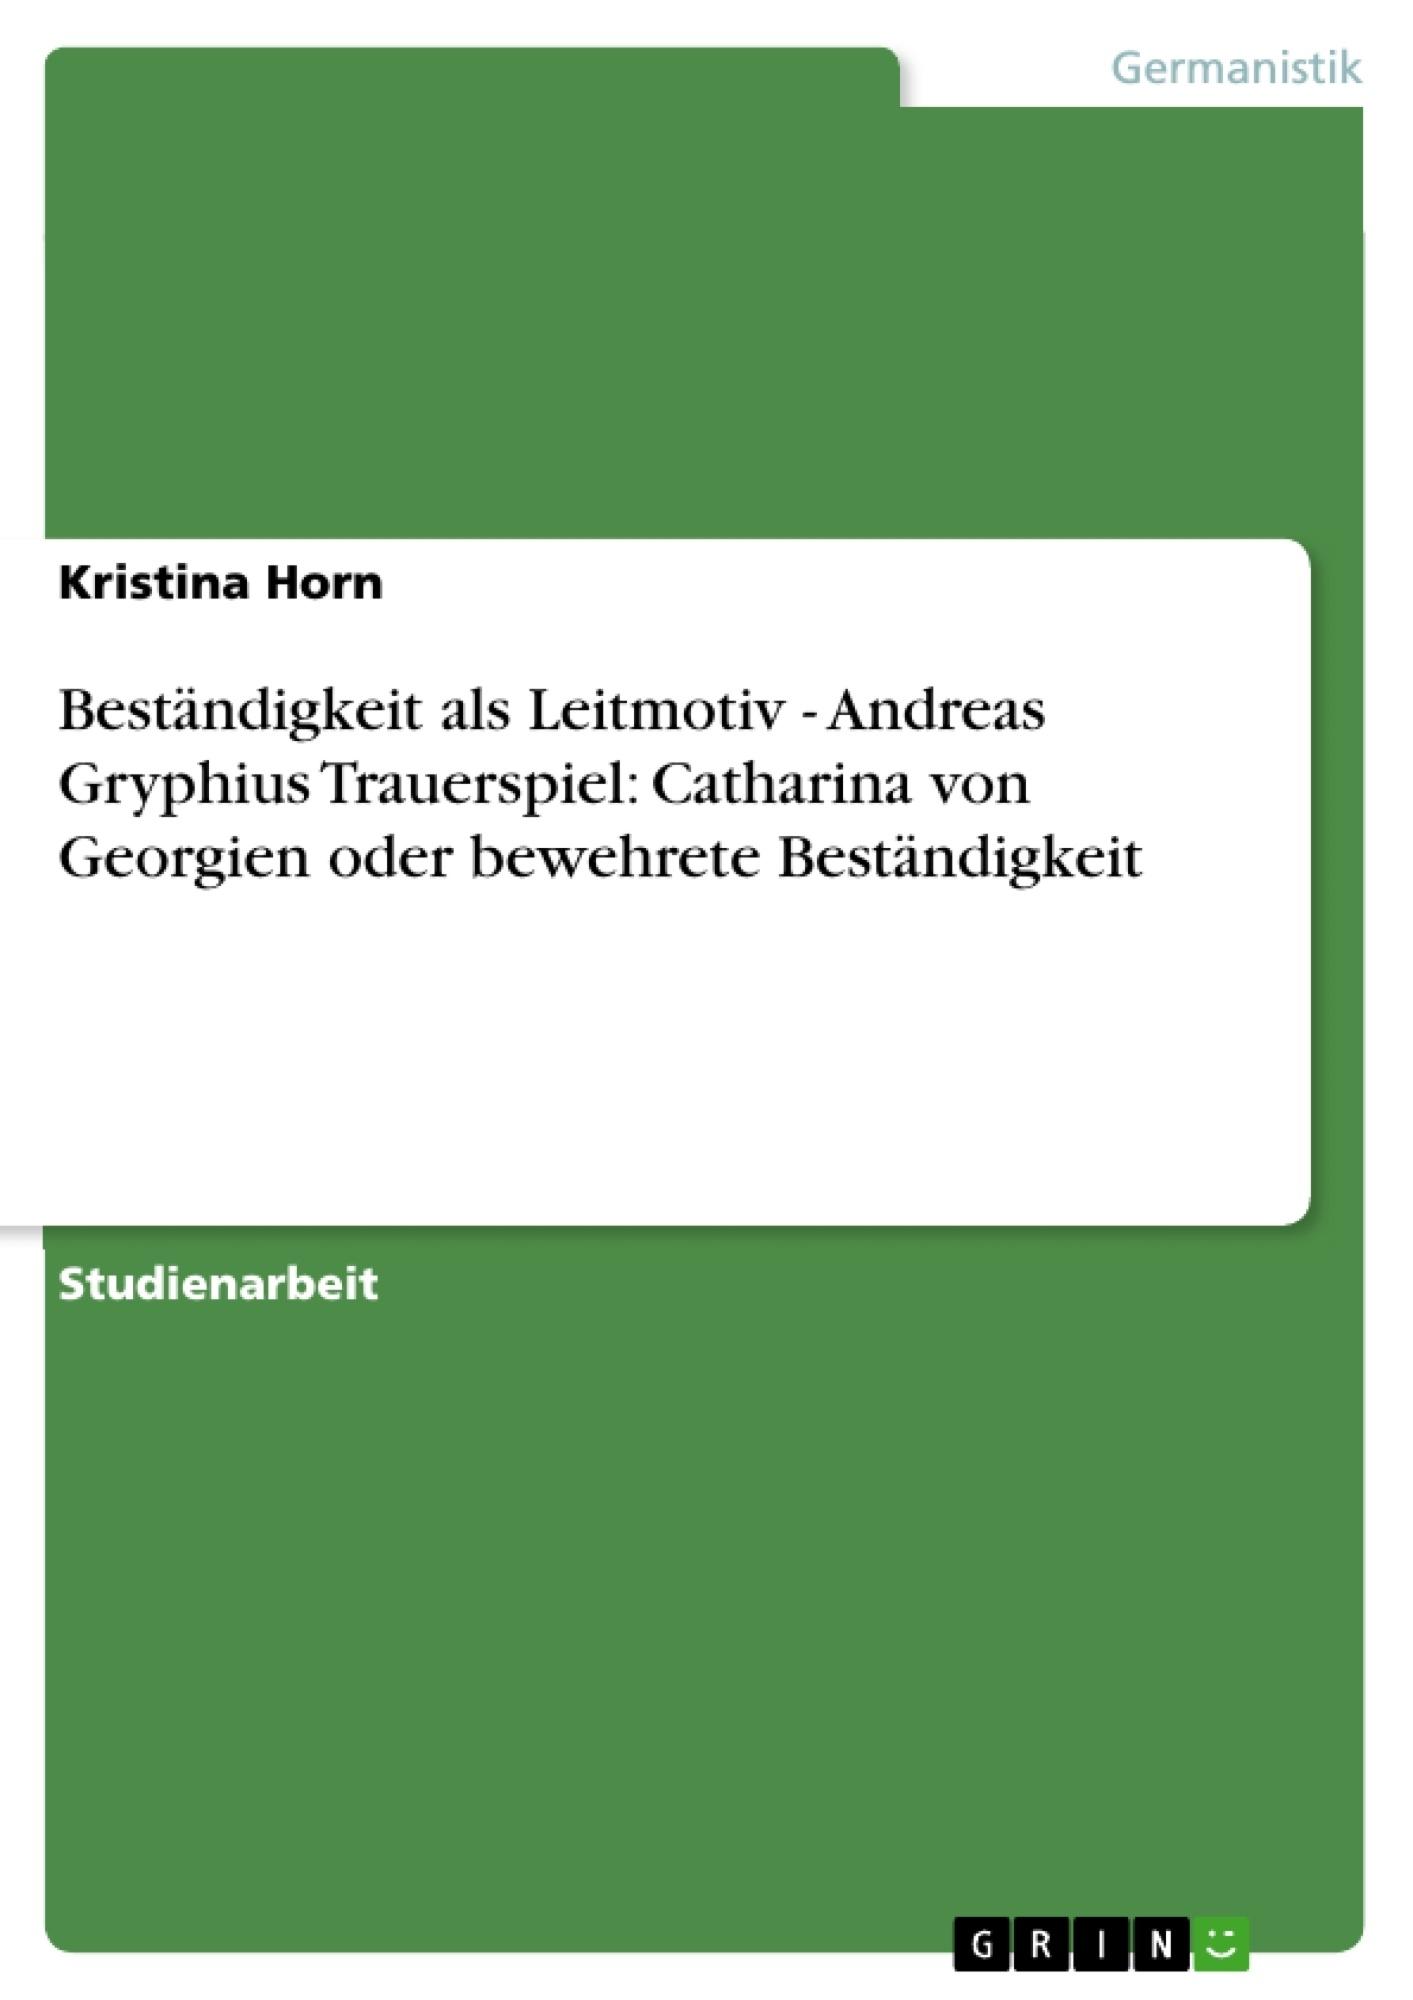 Titel: Beständigkeit als Leitmotiv - Andreas Gryphius Trauerspiel: Catharina von Georgien oder bewehrete Beständigkeit